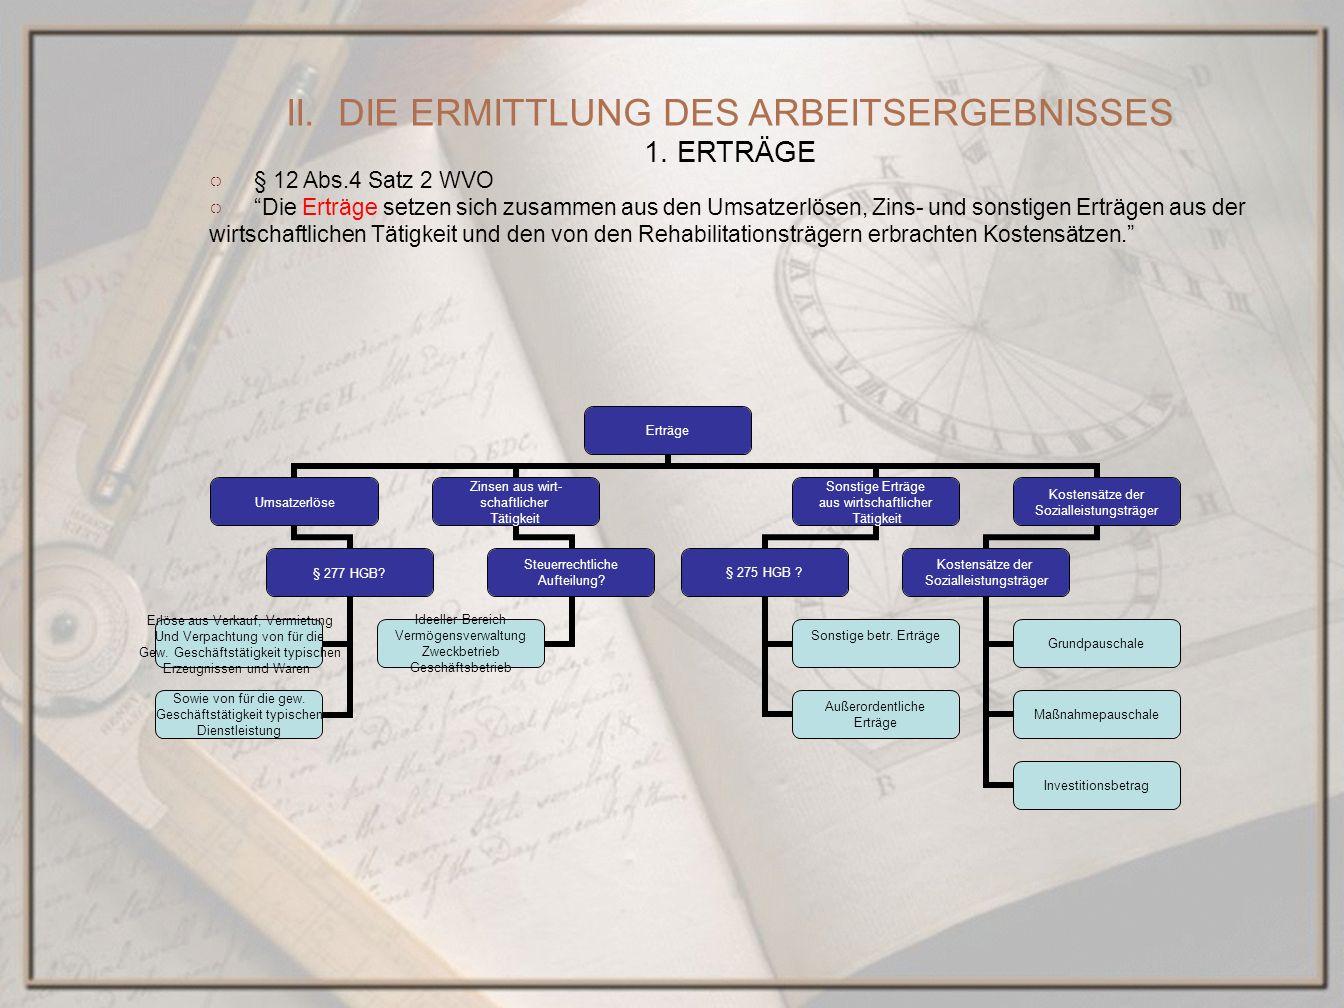 § 12 Abs.4 Satz 3 WVO Notwendige Kosten des laufenden Betriebs sind die Kosten nach § 41 Abs.